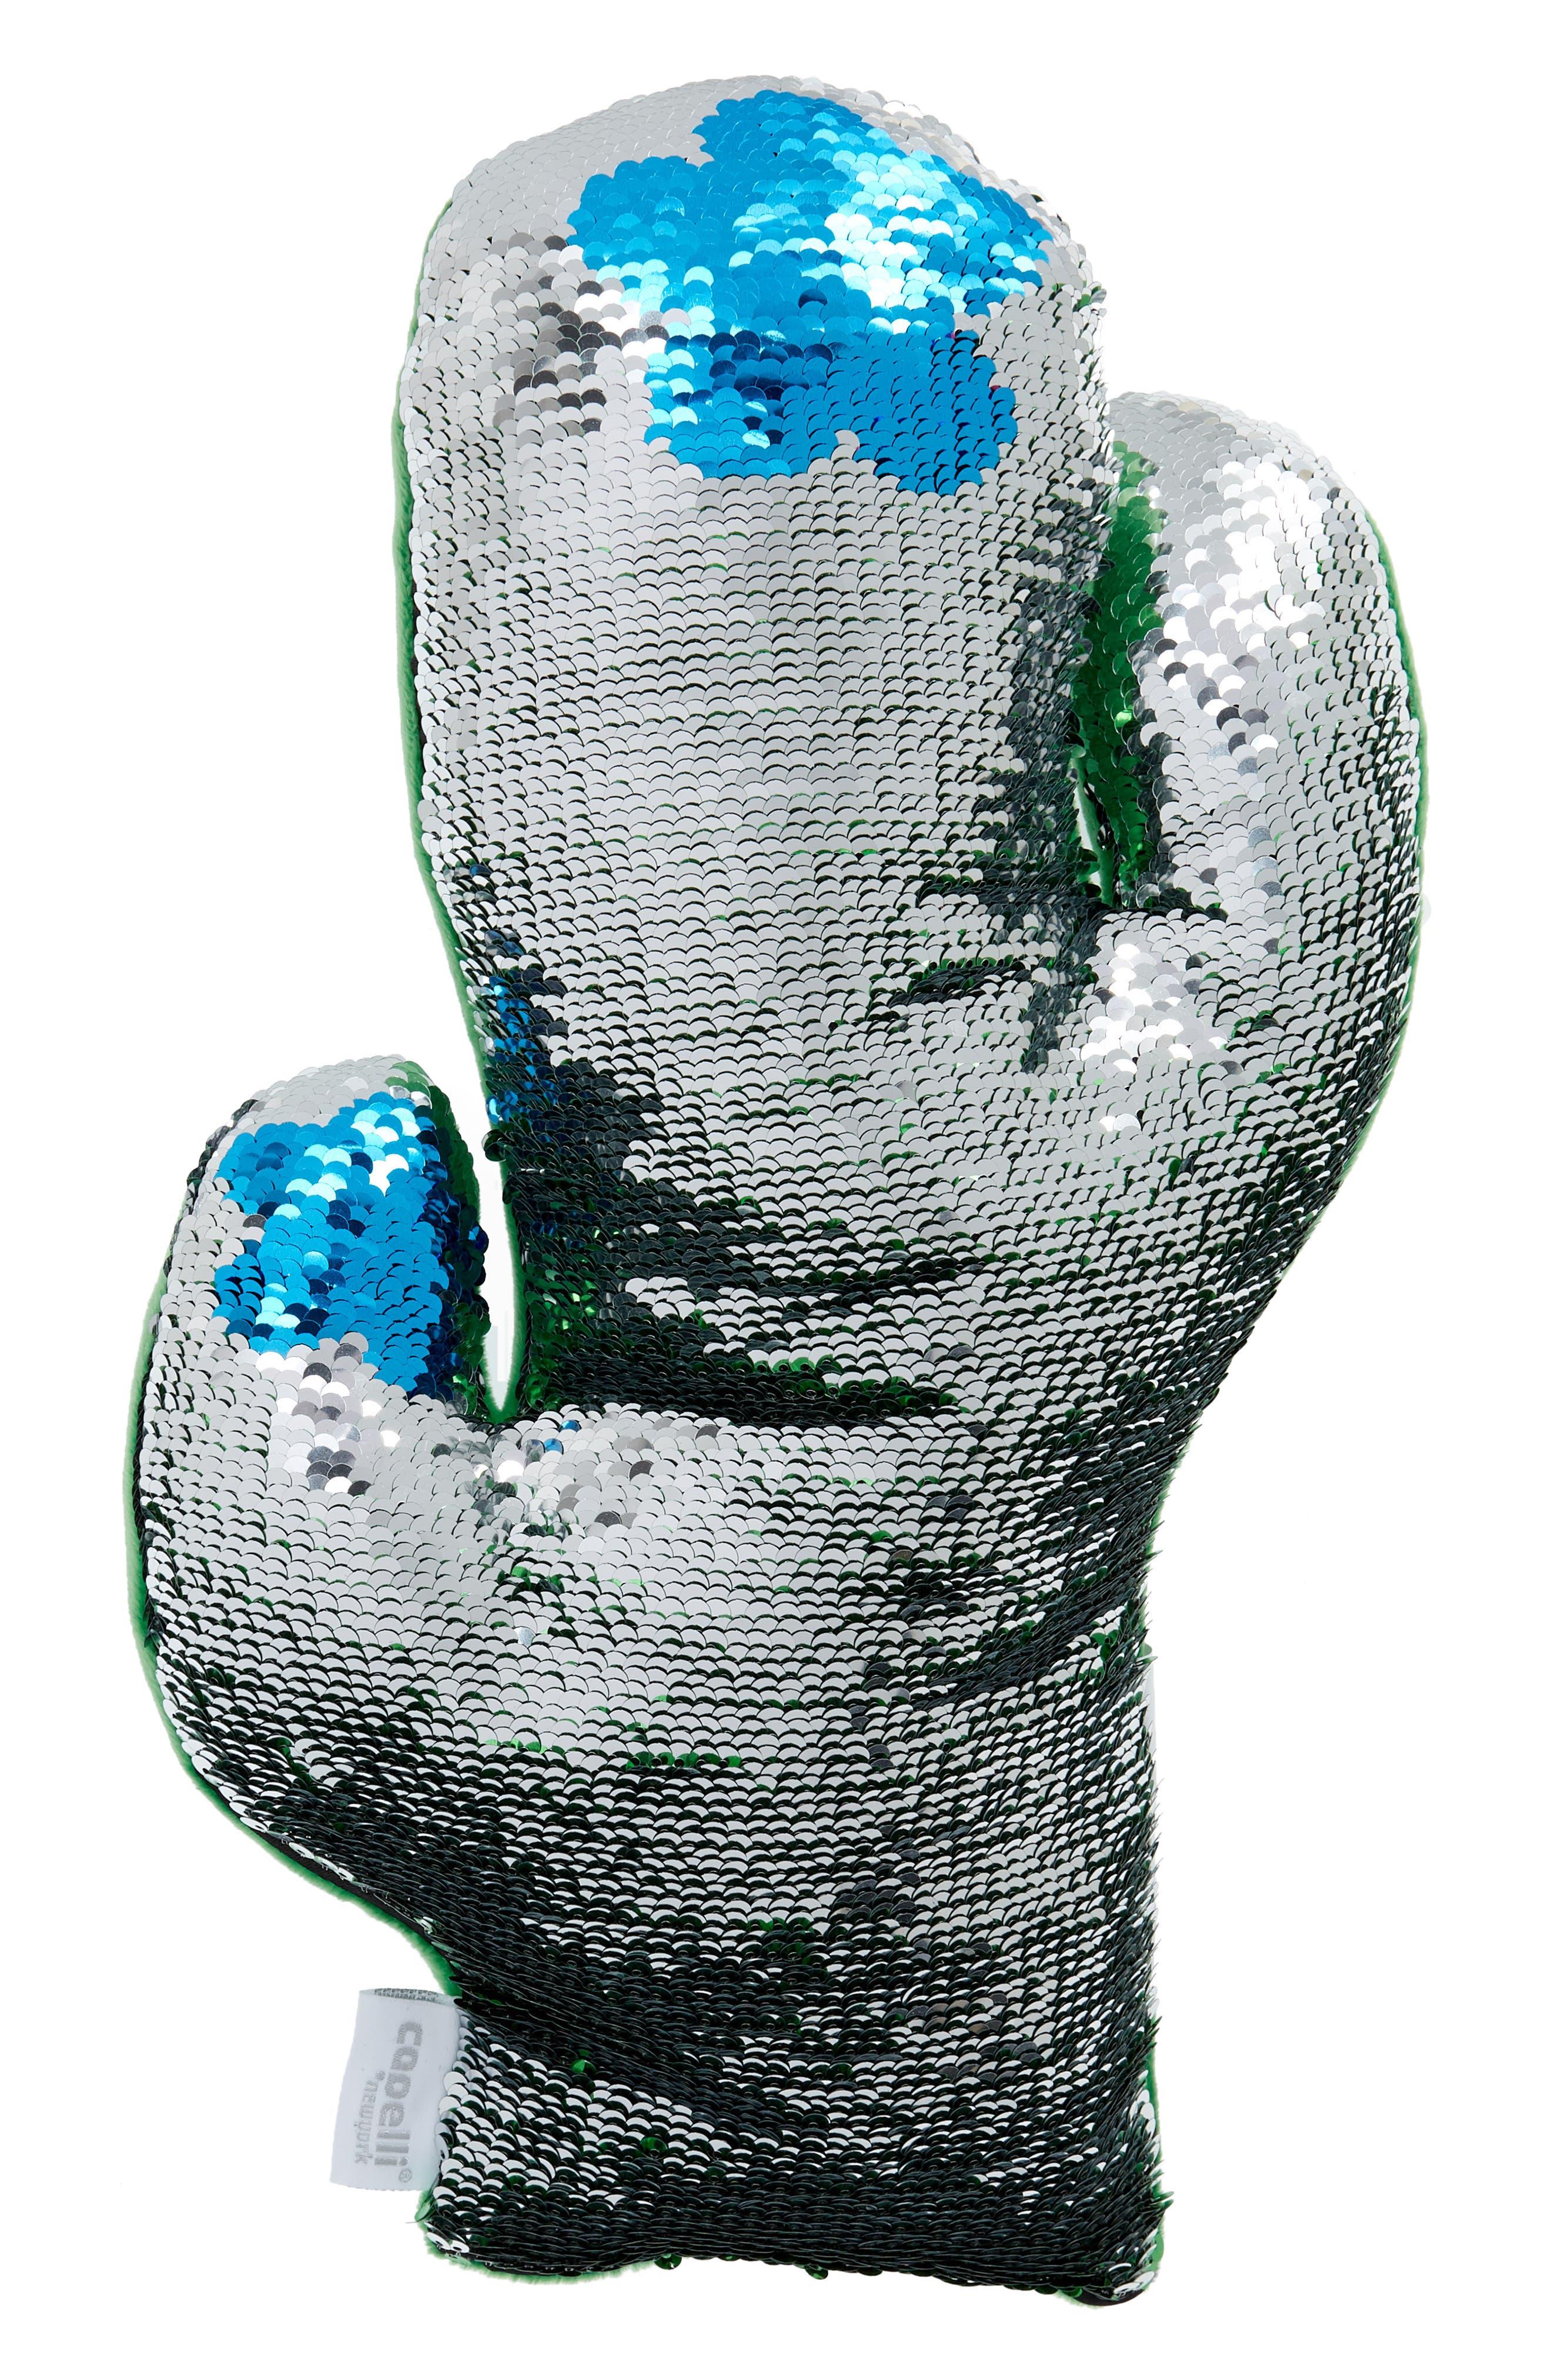 Flip Sequin Cactus Pillow,                             Alternate thumbnail 4, color,                             300